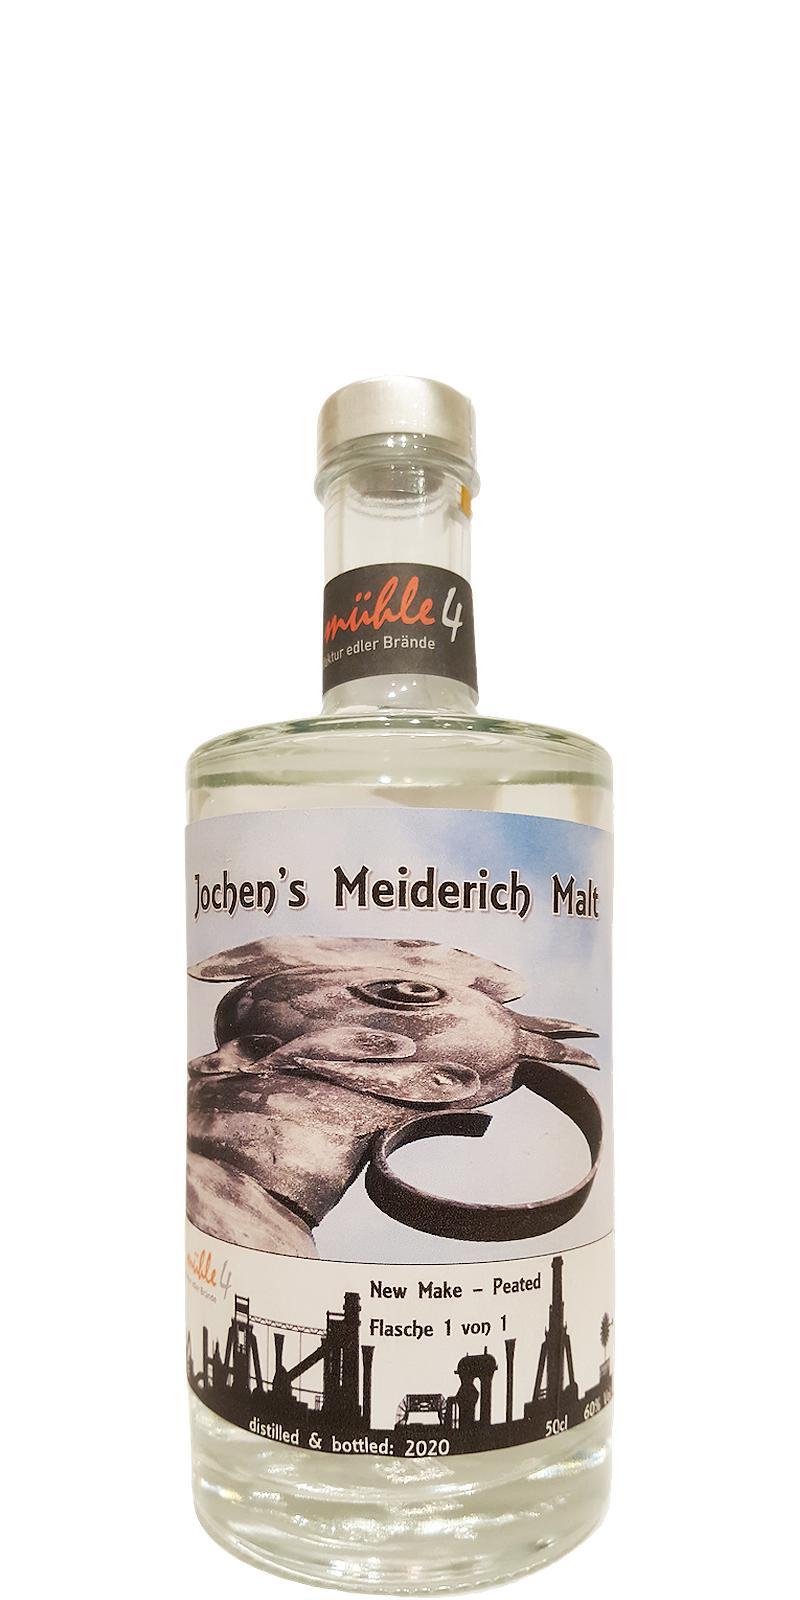 mühle4 Jochen's Meiderich Malt